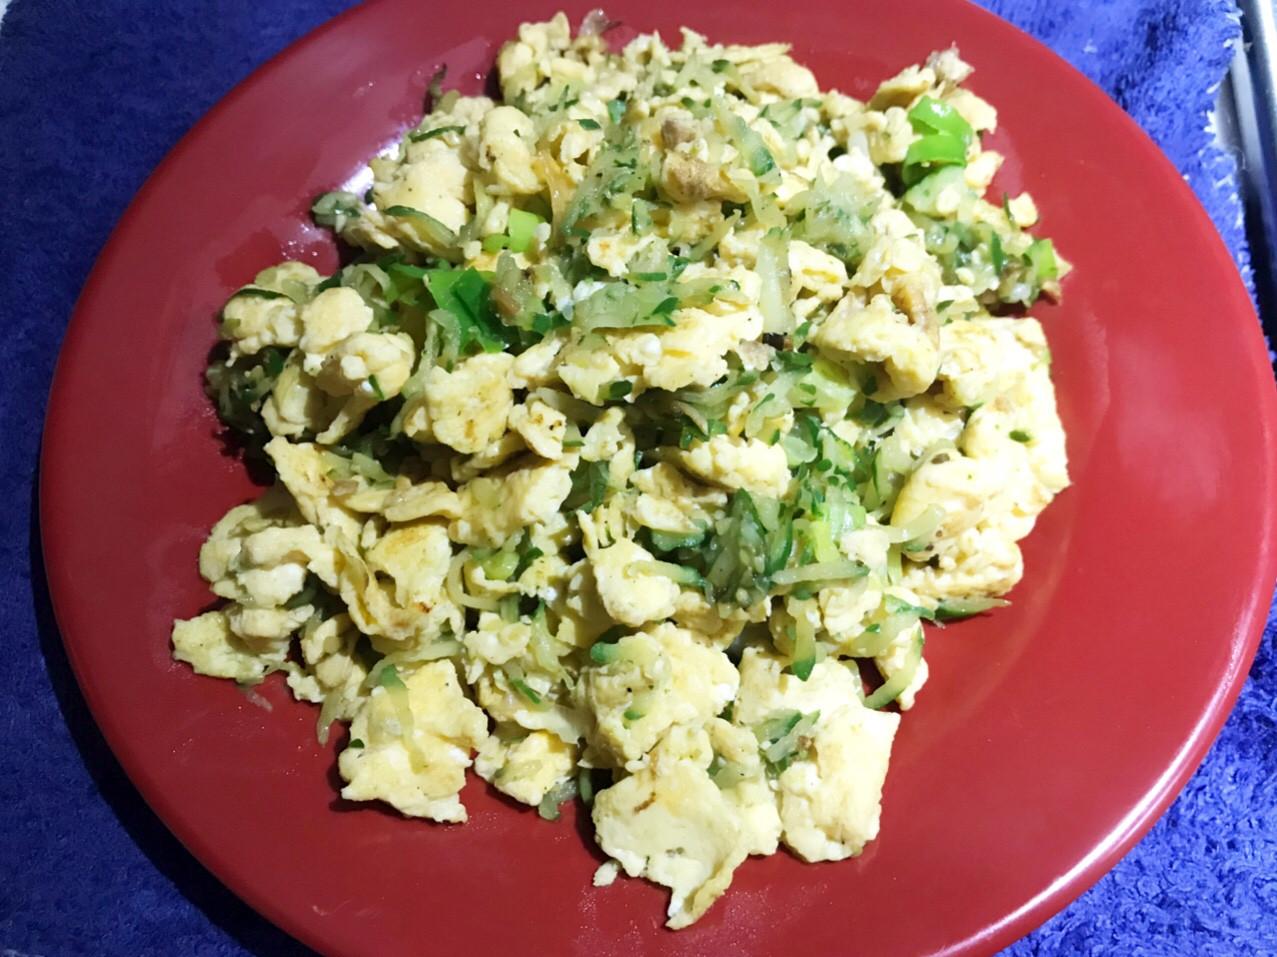 👩🏻🍳小黃瓜炒蛋-10分鐘內料理